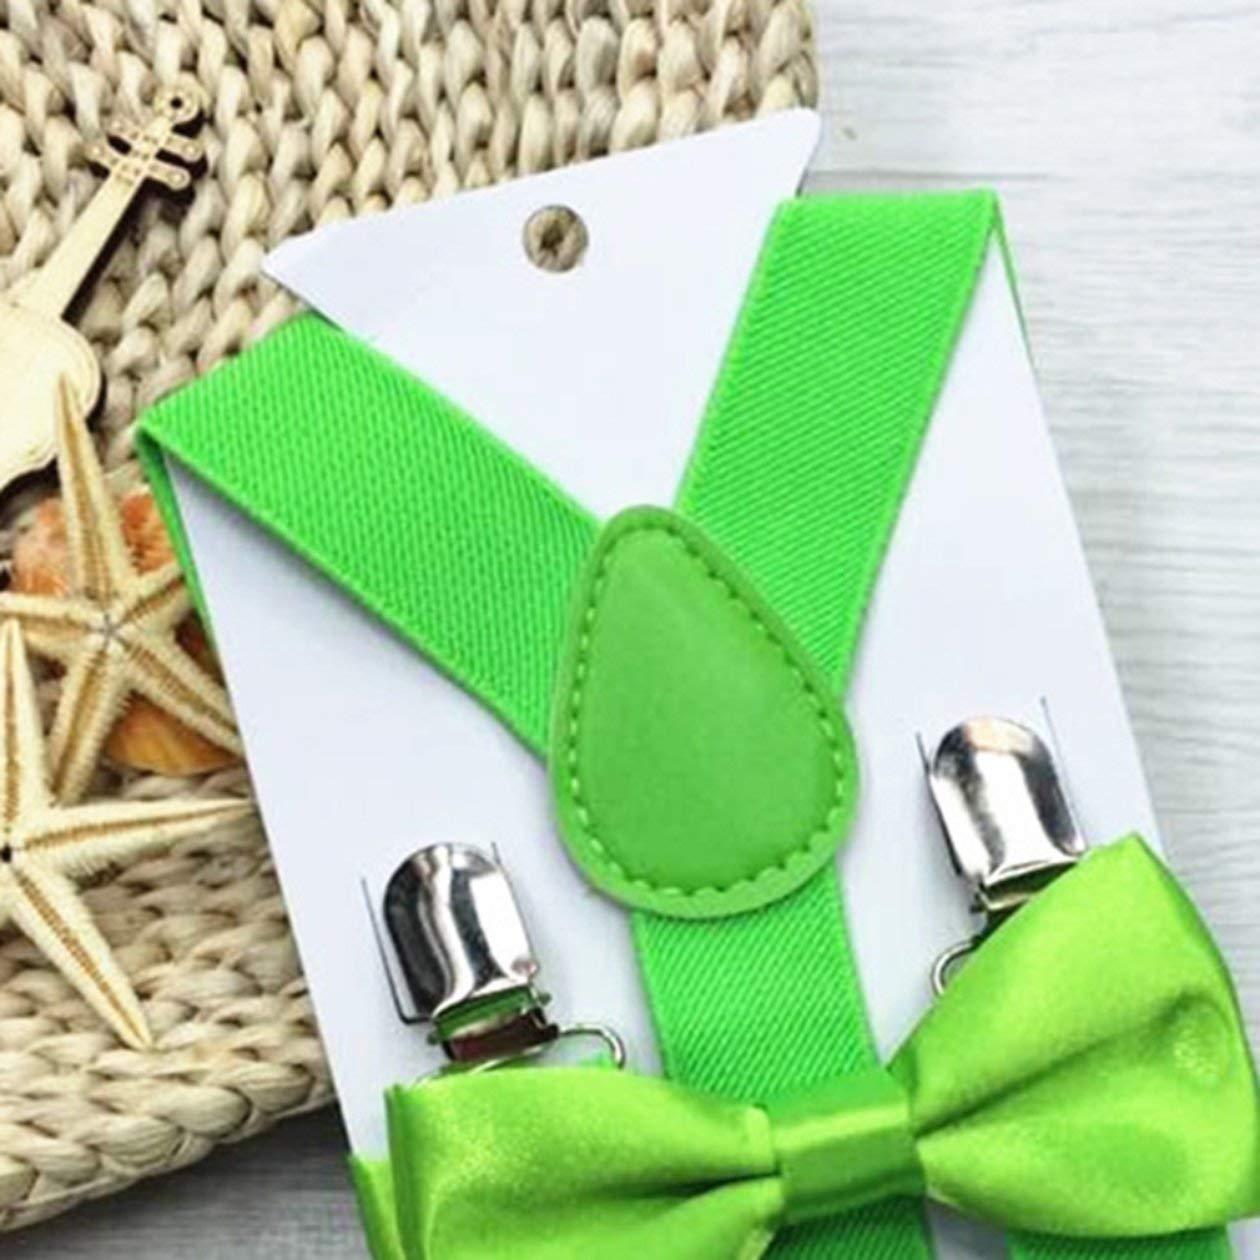 Colore: Nero Regolabile ed elastico con clip in metallo Poliestere per bambini Design Bretelle e Papillon Farfallino Set cravatte abbinate Abiti